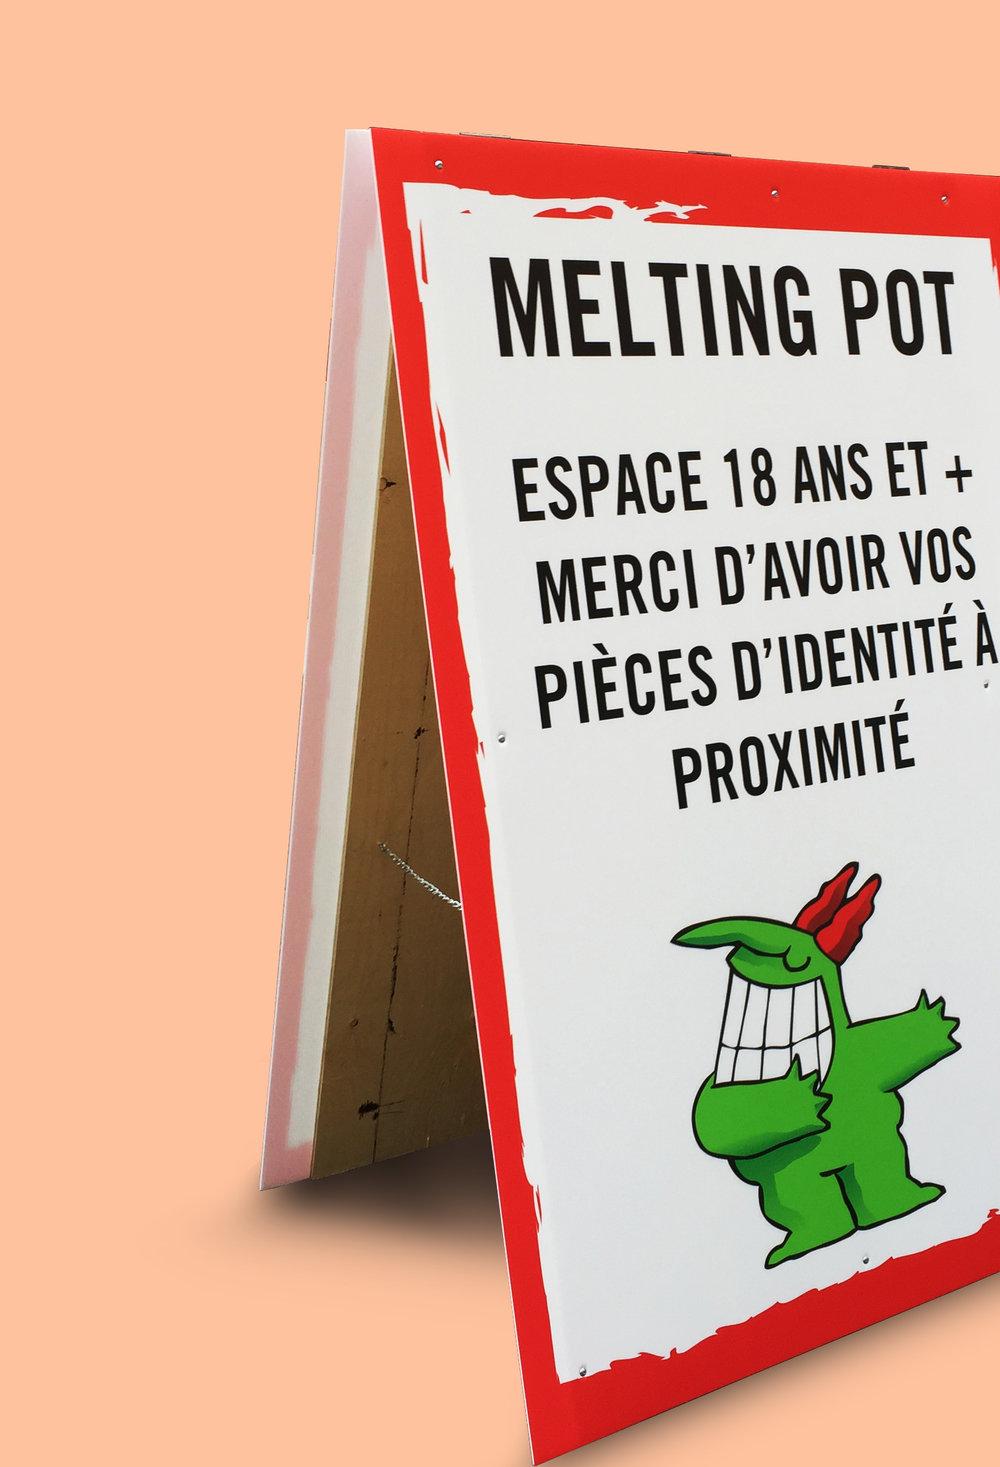 JUSTE POUR RIRE / Affichage Panneau grand format, impression